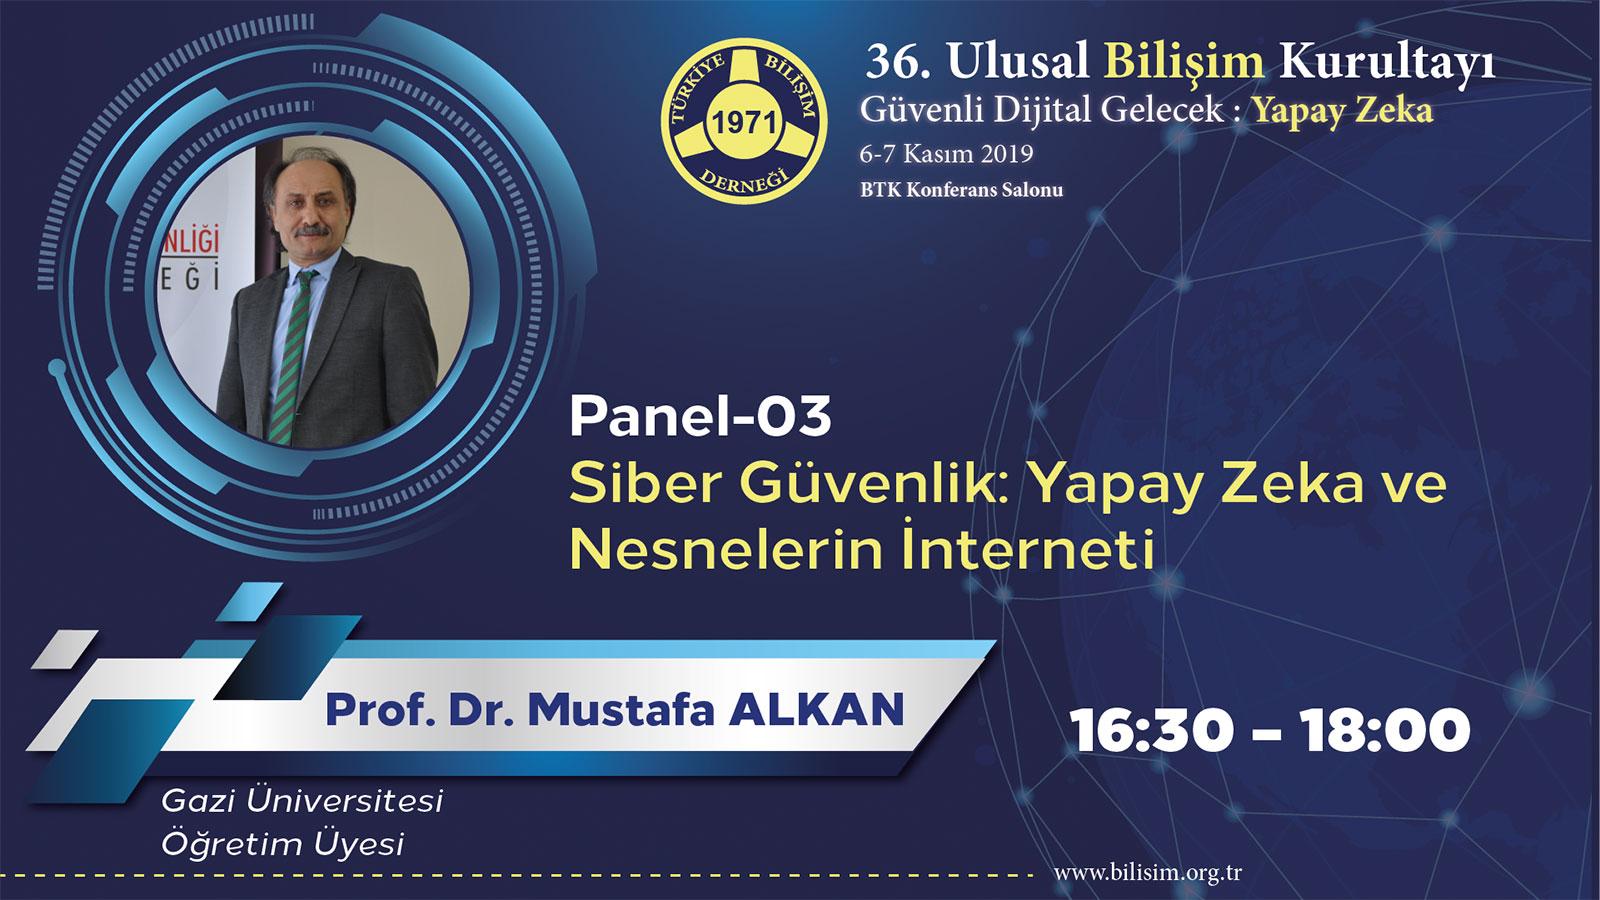 Mustafa ALKAN - 36. Ulusal Bilişim Kurultayı